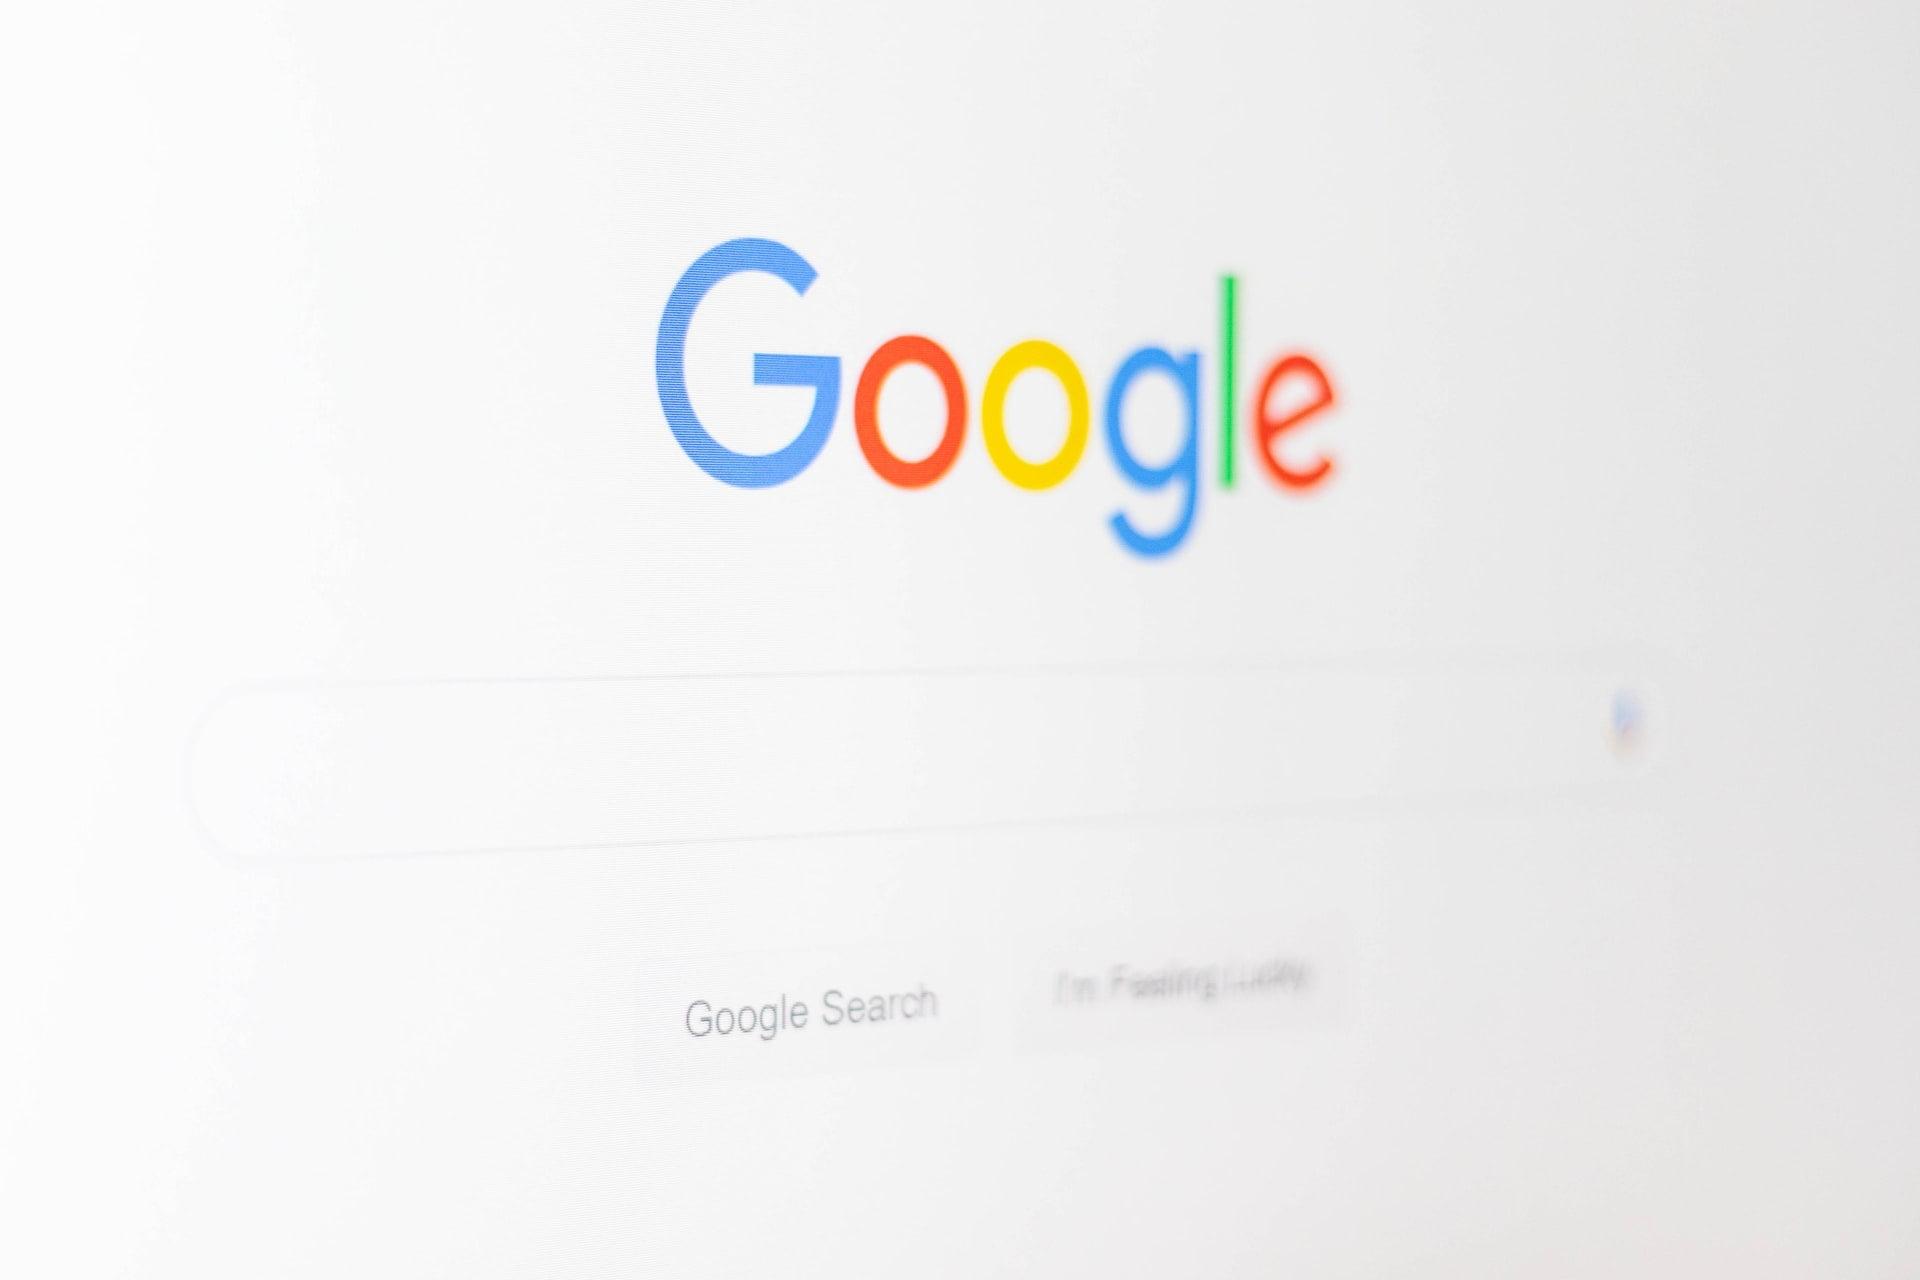 Bezpłatne i płatne wyniki wyszukiwania